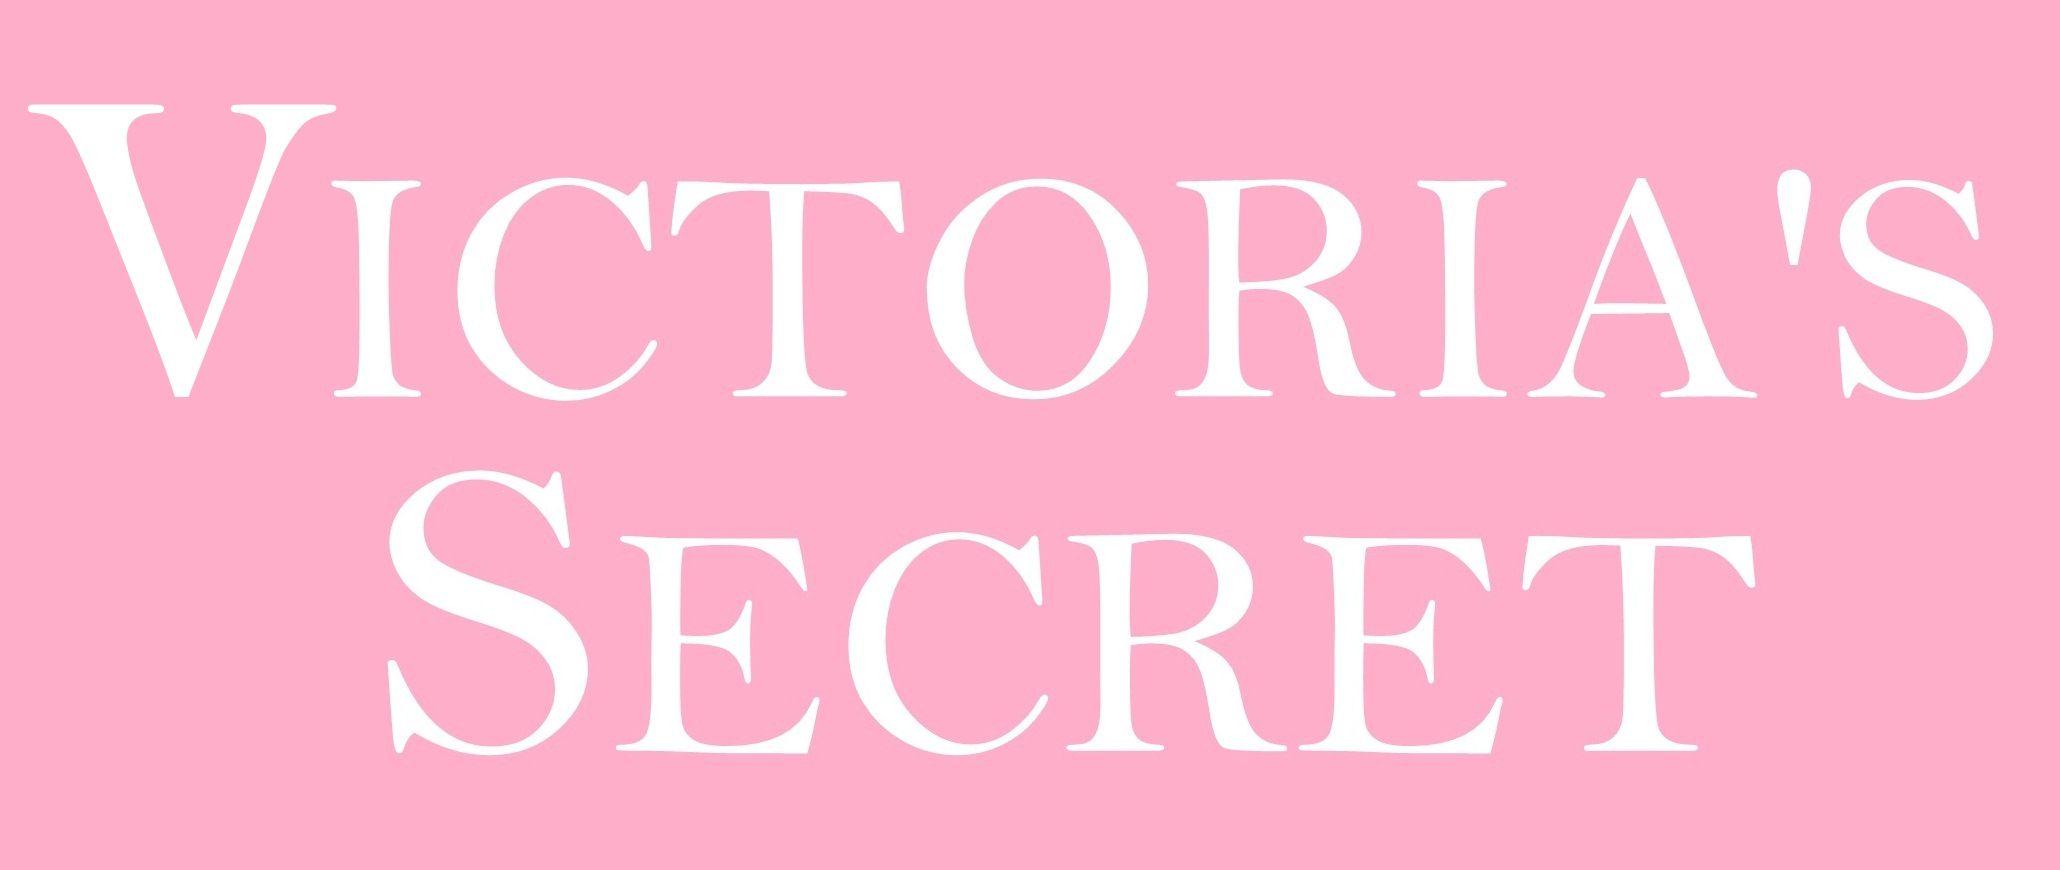 عطر و ادکلن زنانه لاو ایز هونلی برند ویکتوریا سکرت Victoria S Secret Love Is Heavenly ヴィクトリアシークレット 壁紙 ピンク ピンク